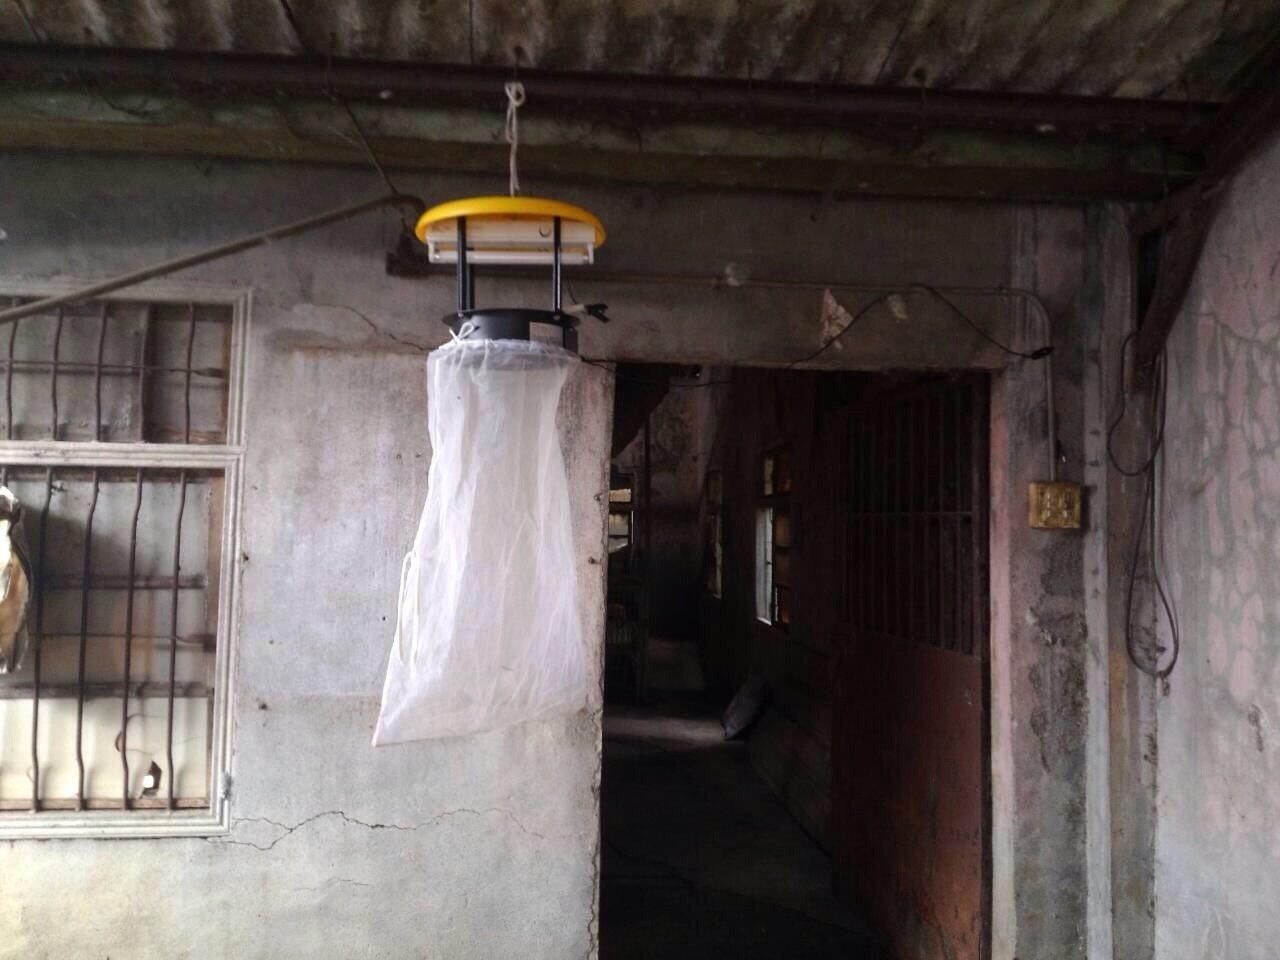 台中市衛生局為了預防日本腦炎,架設捕蚊設備防治。圖/台中市衛生局提供